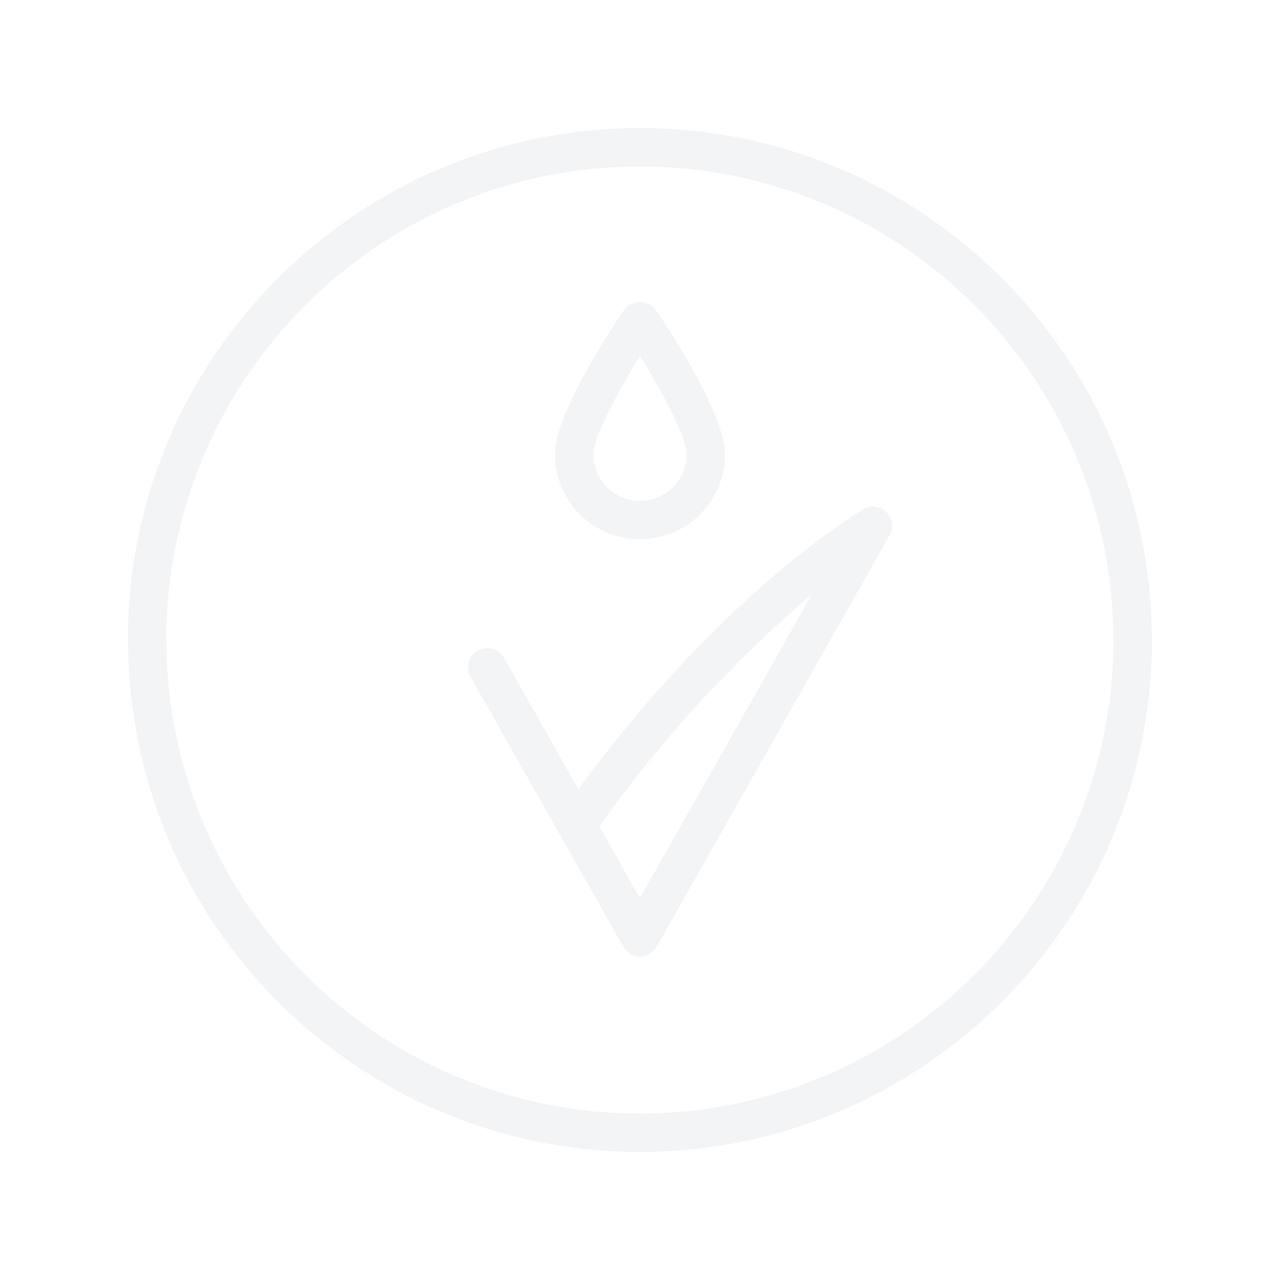 MIZON Enjoy Vital-Up Time Soothing Mask 23ml